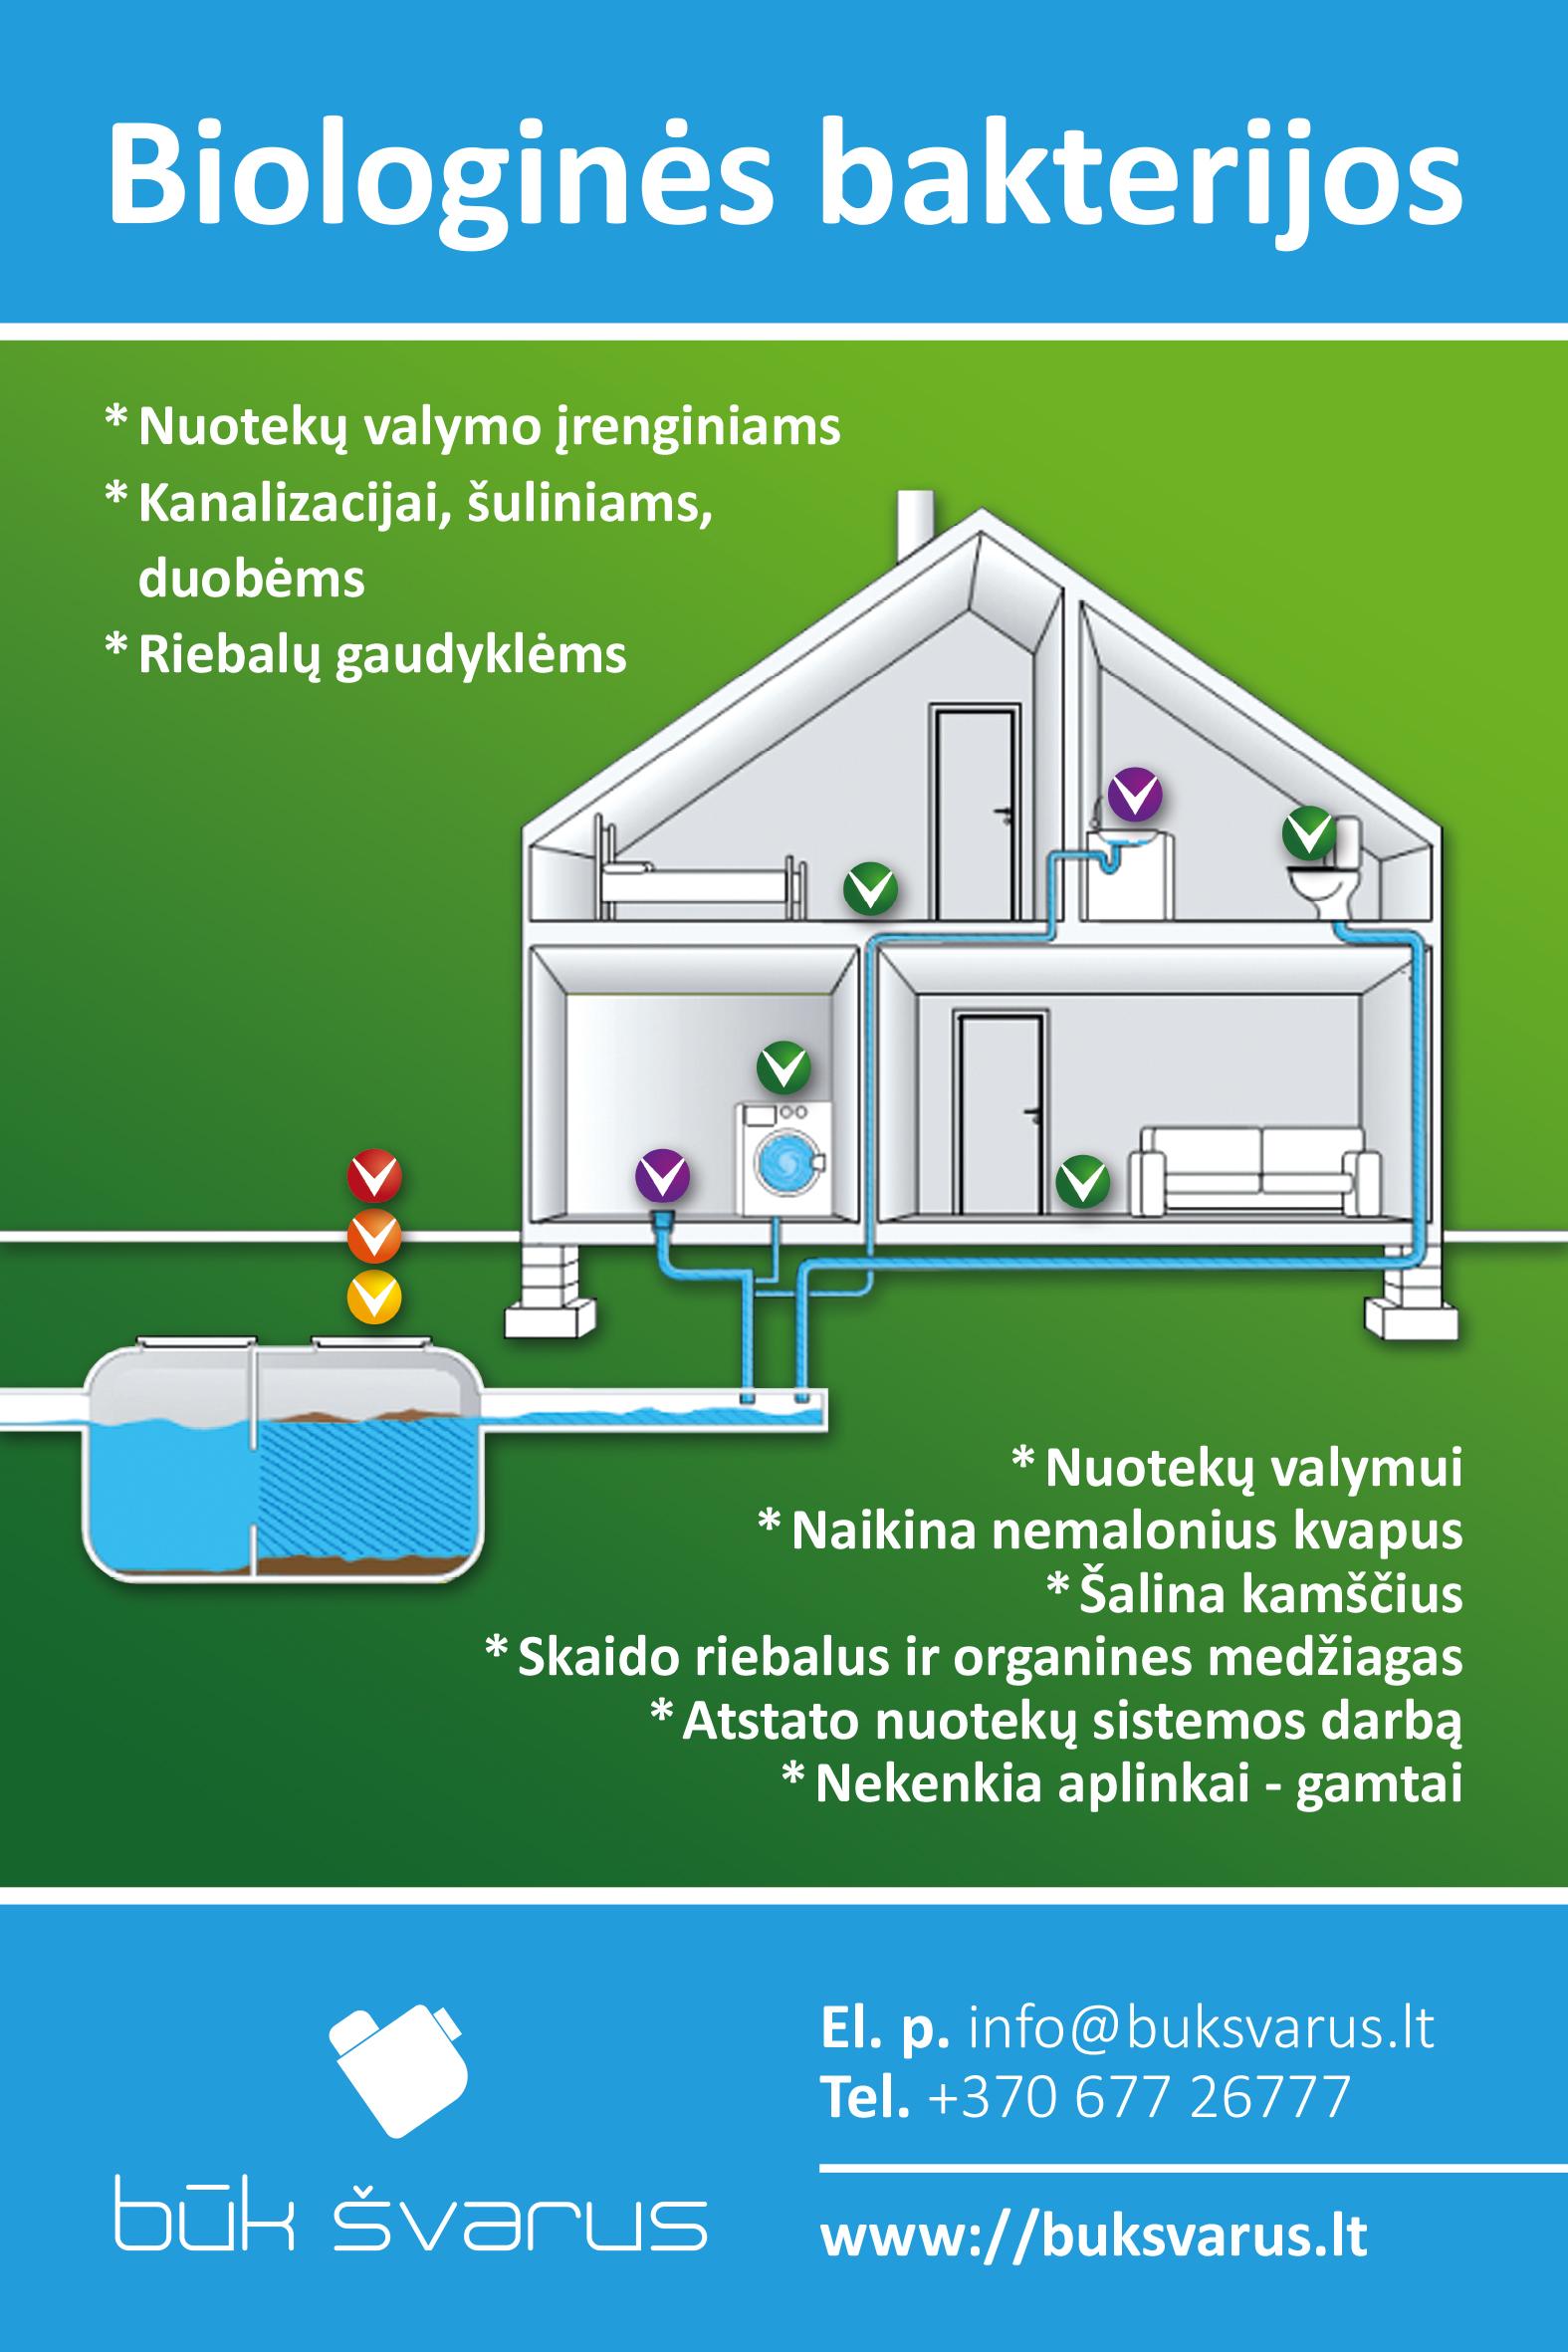 efektyvios biologinės bakterijos